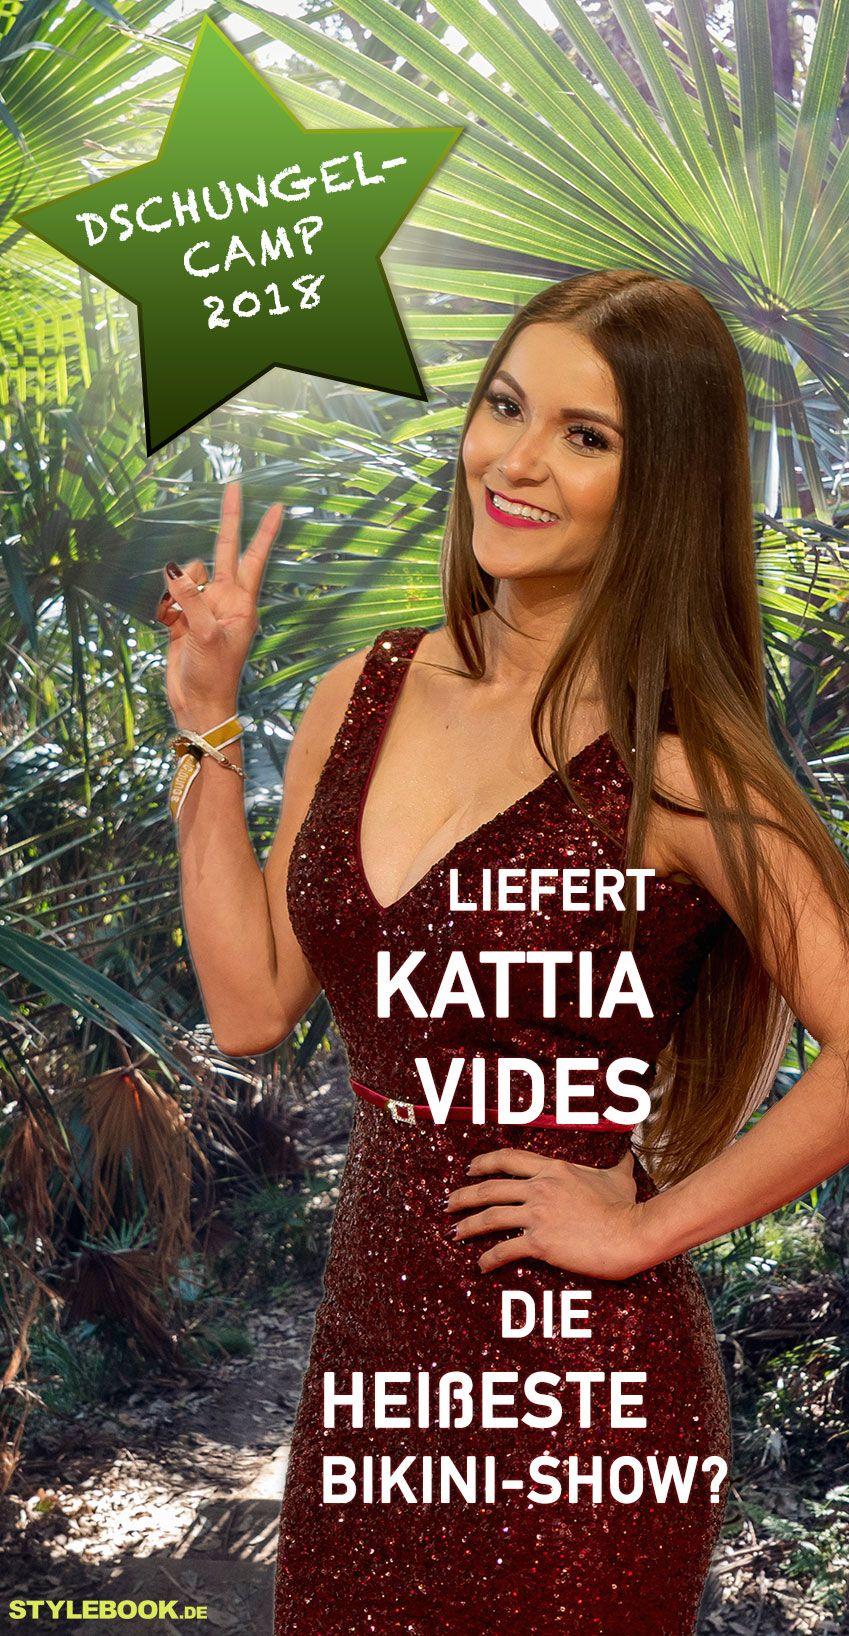 Dschungelcamp 2018 Liefert uns Kattia Vides die heißeste